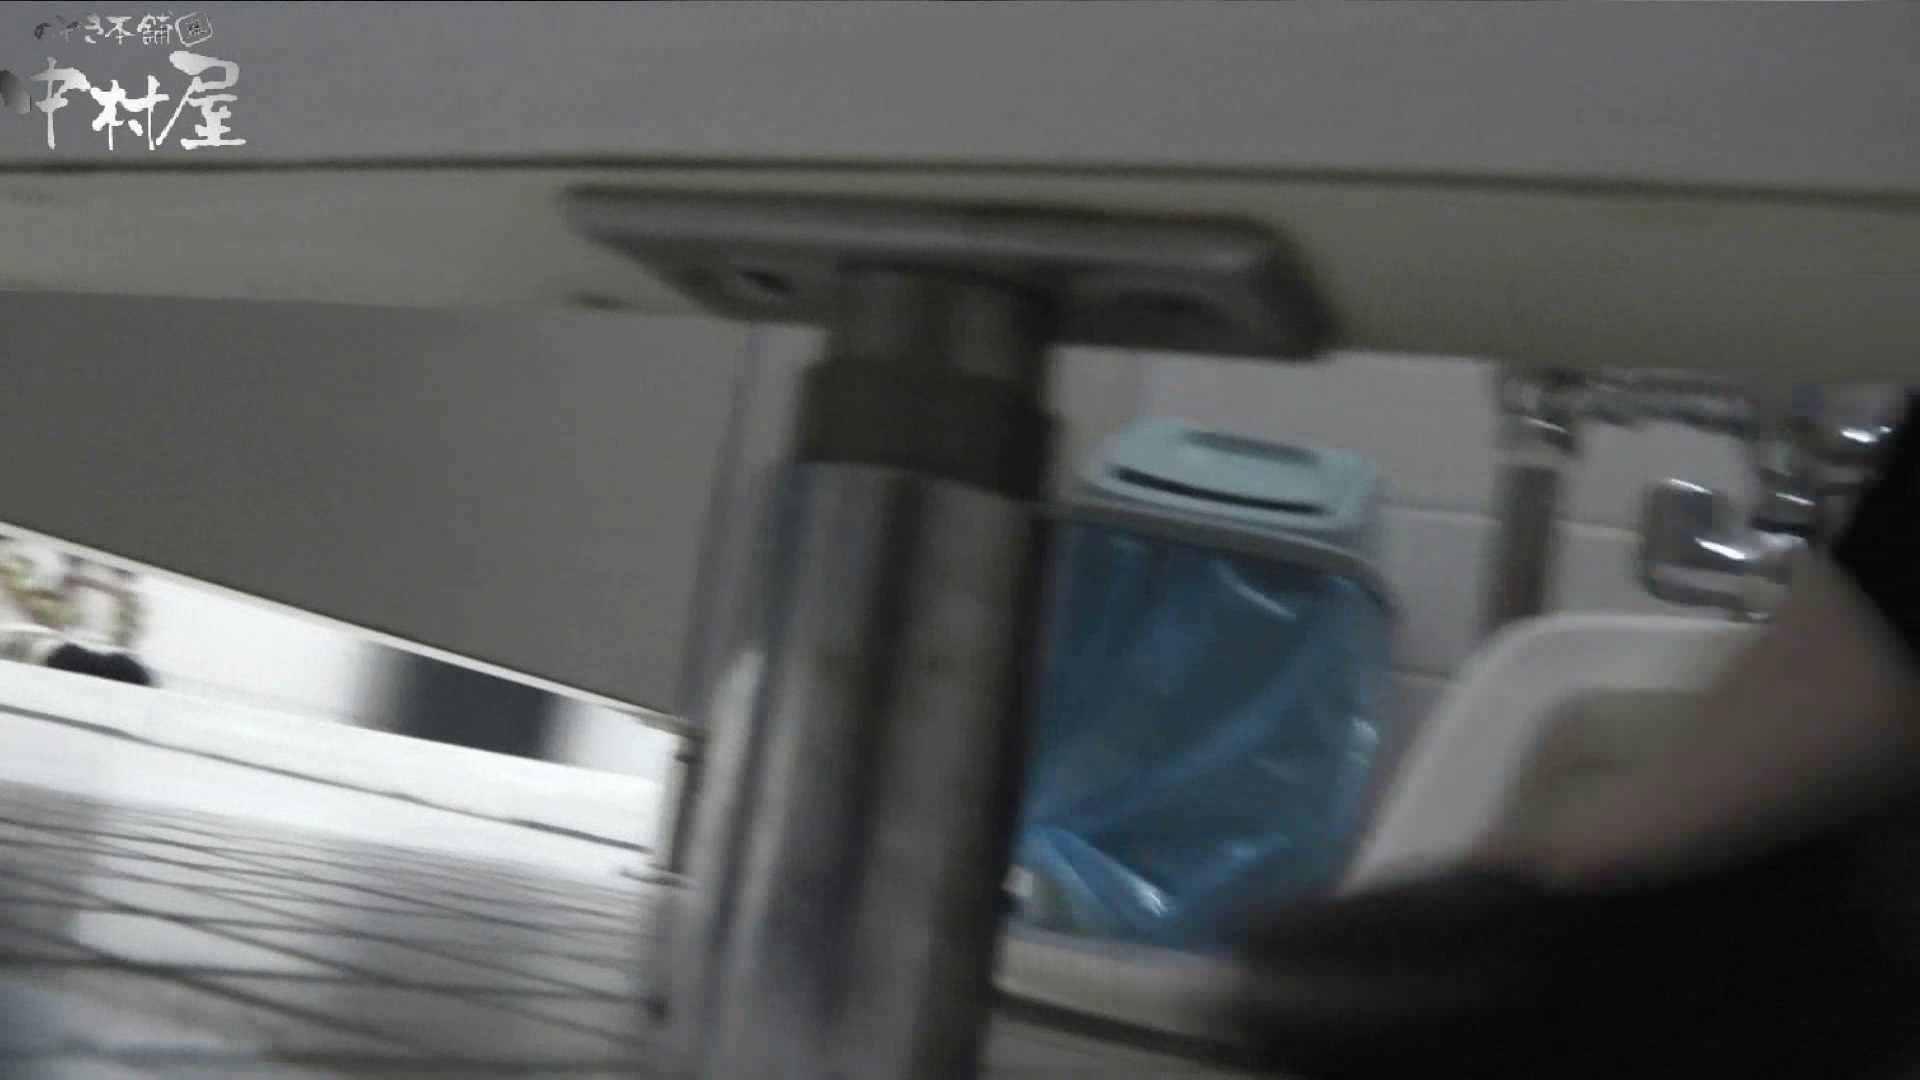 vol.34 命がけ潜伏洗面所! アソコの毛が長髪な件 後編 プライベート 隠し撮りすけべAV動画紹介 107画像 99